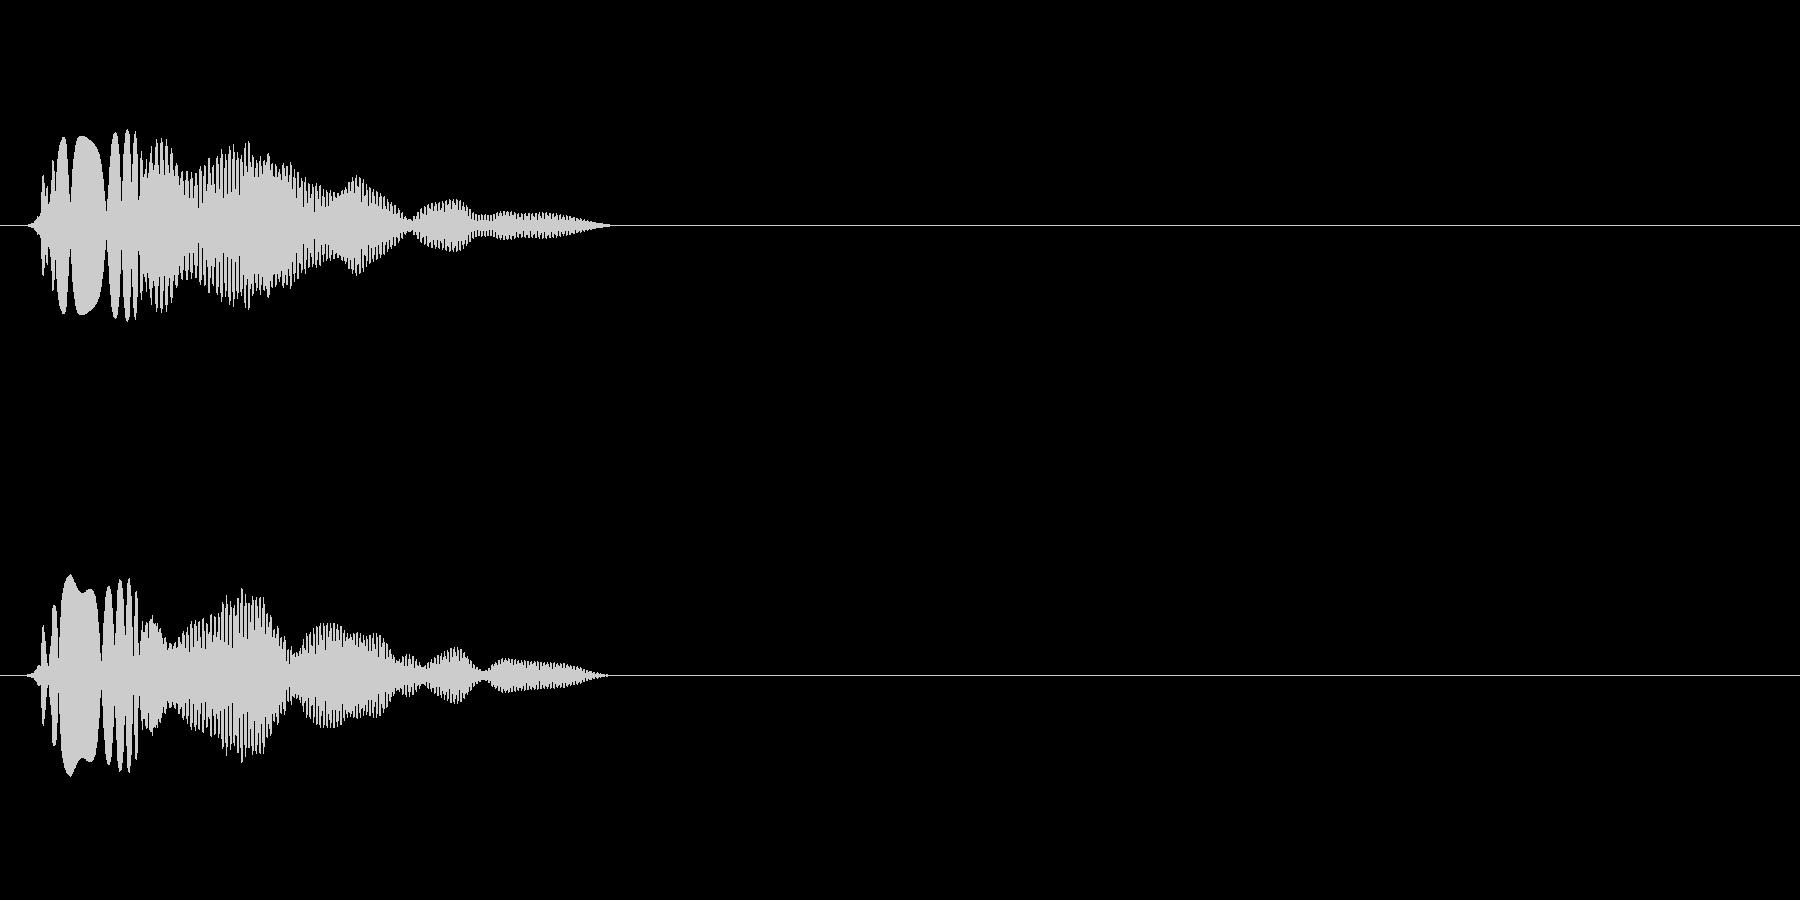 アイテム取得効果音(ビュアーン)の未再生の波形